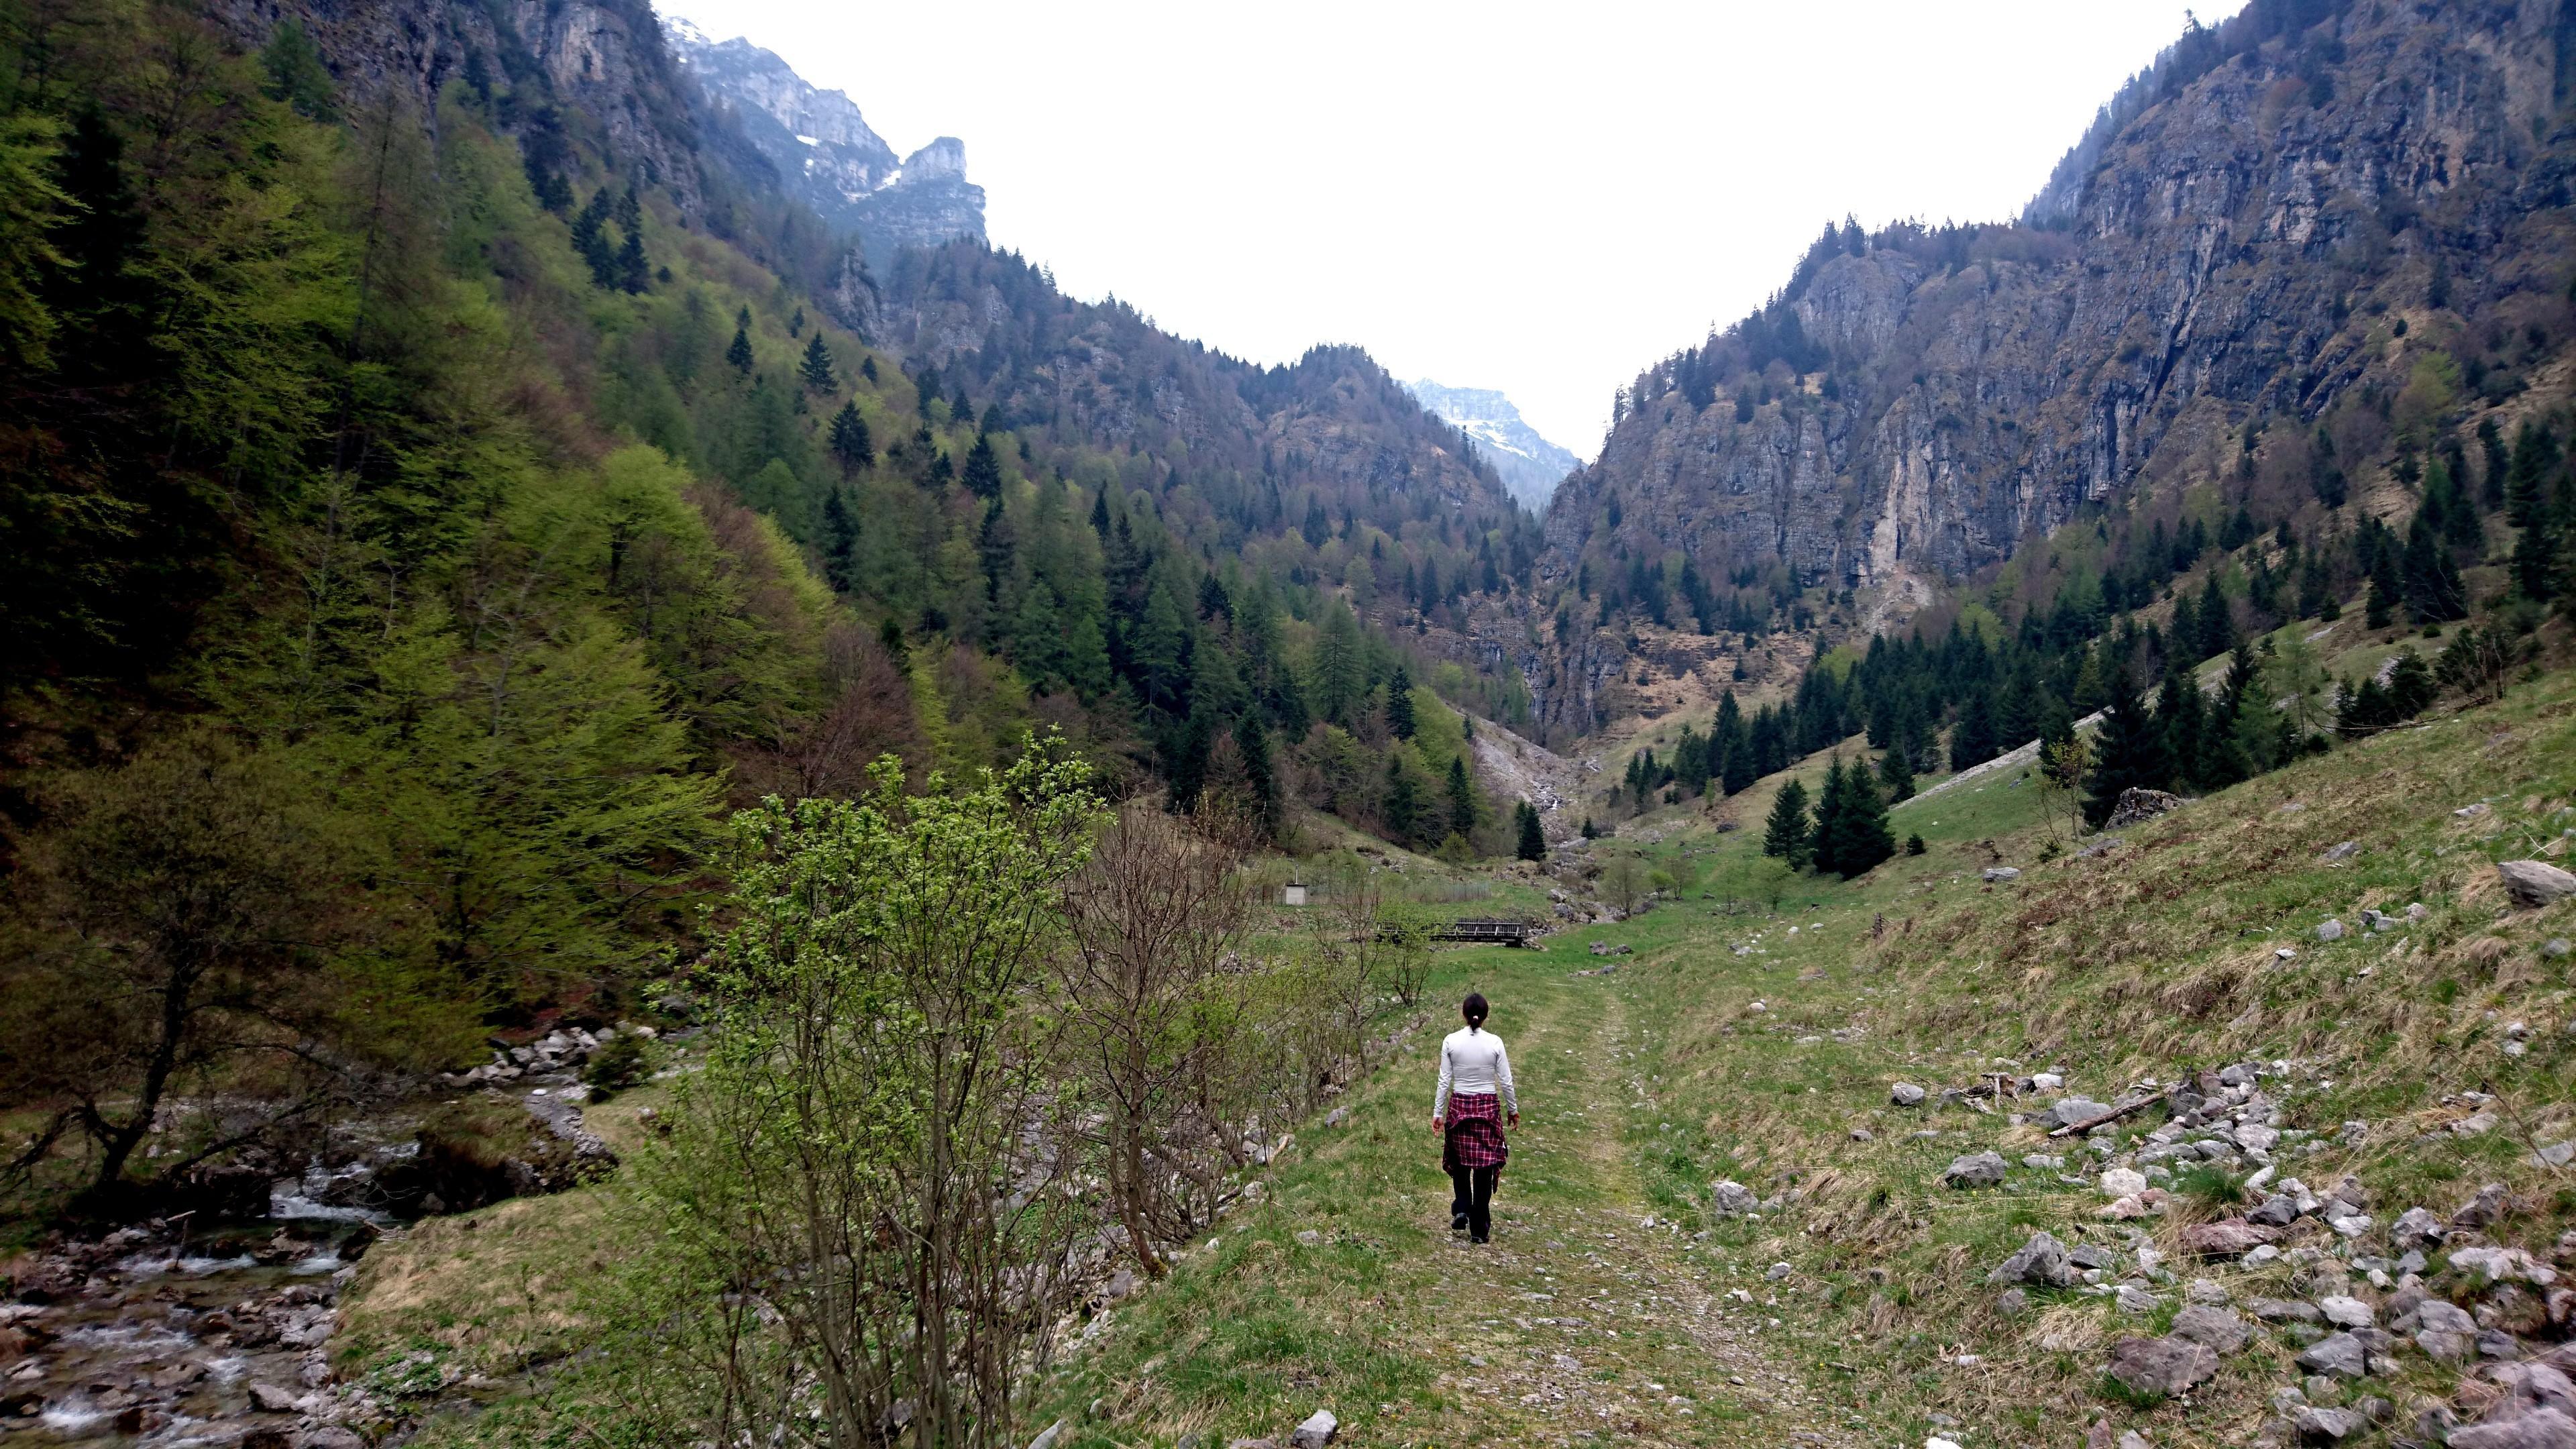 La prima parte della valle è tutta in falsopiano fino a raggiungere questo pratone e una piccola baita, dalla quale il sentiero inizia a salire in modo più deciso